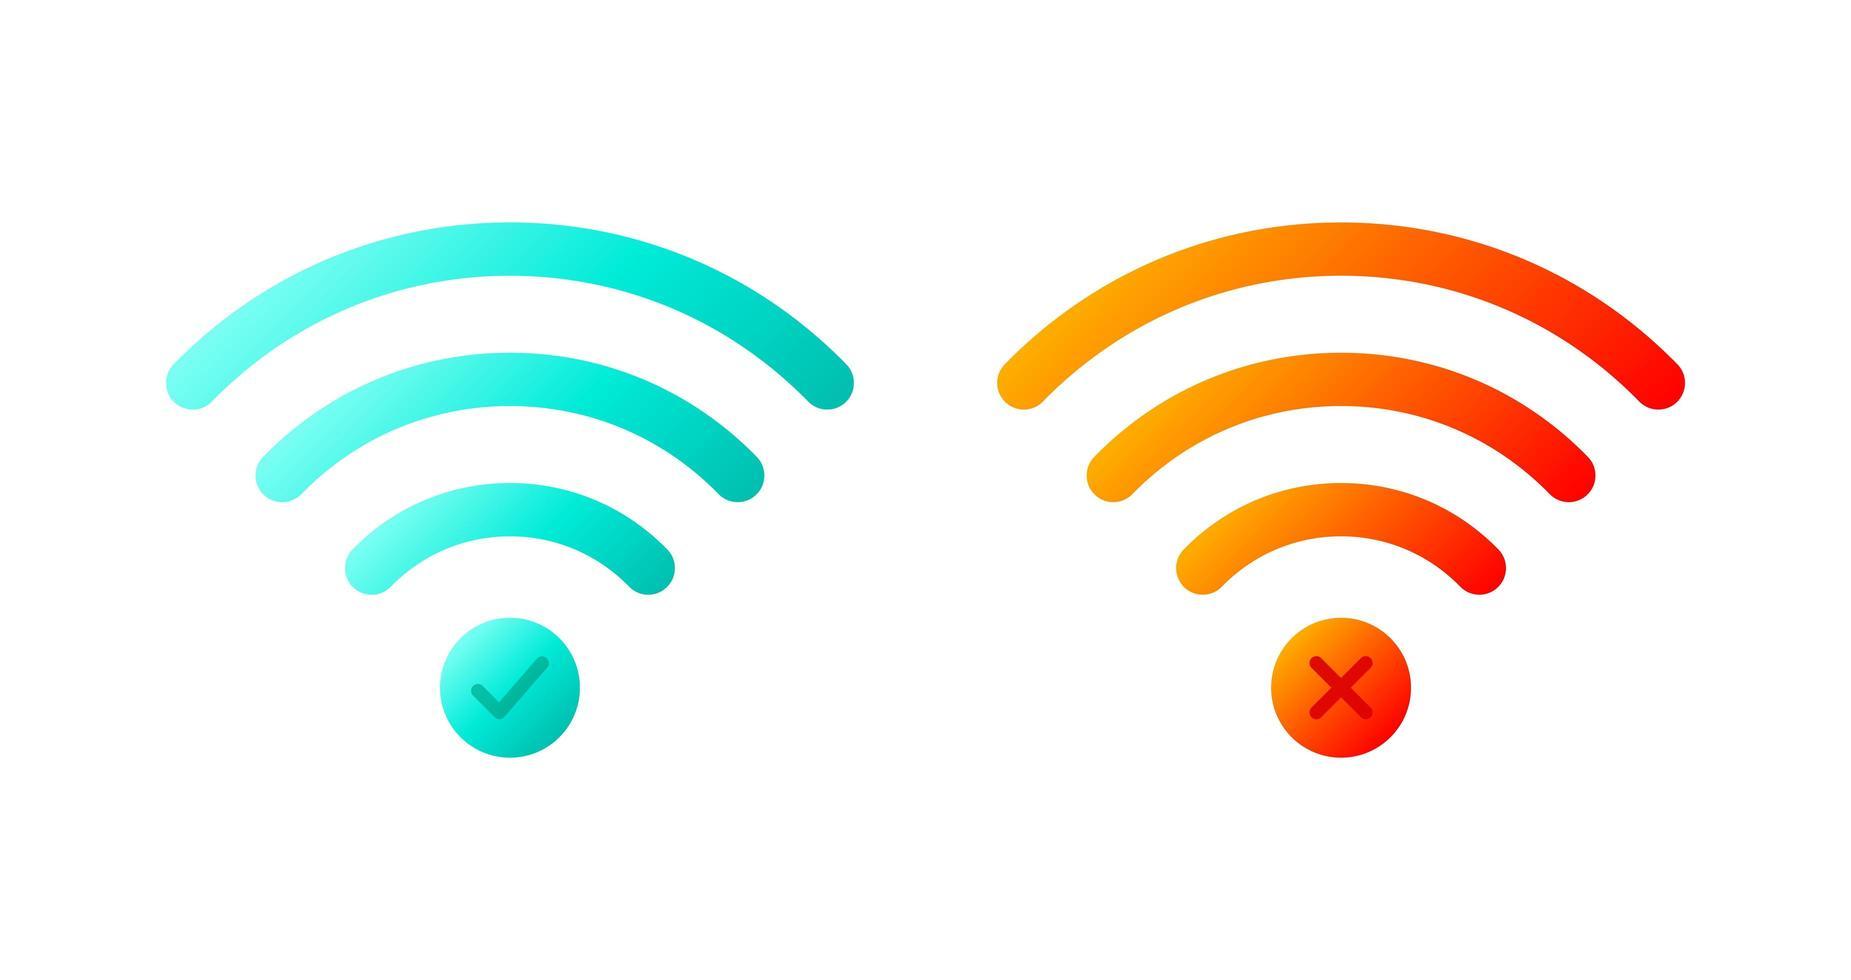 conjunto de iconos vectoriales de símbolos wifi inalámbricos con marca de verificación y marca x. vector